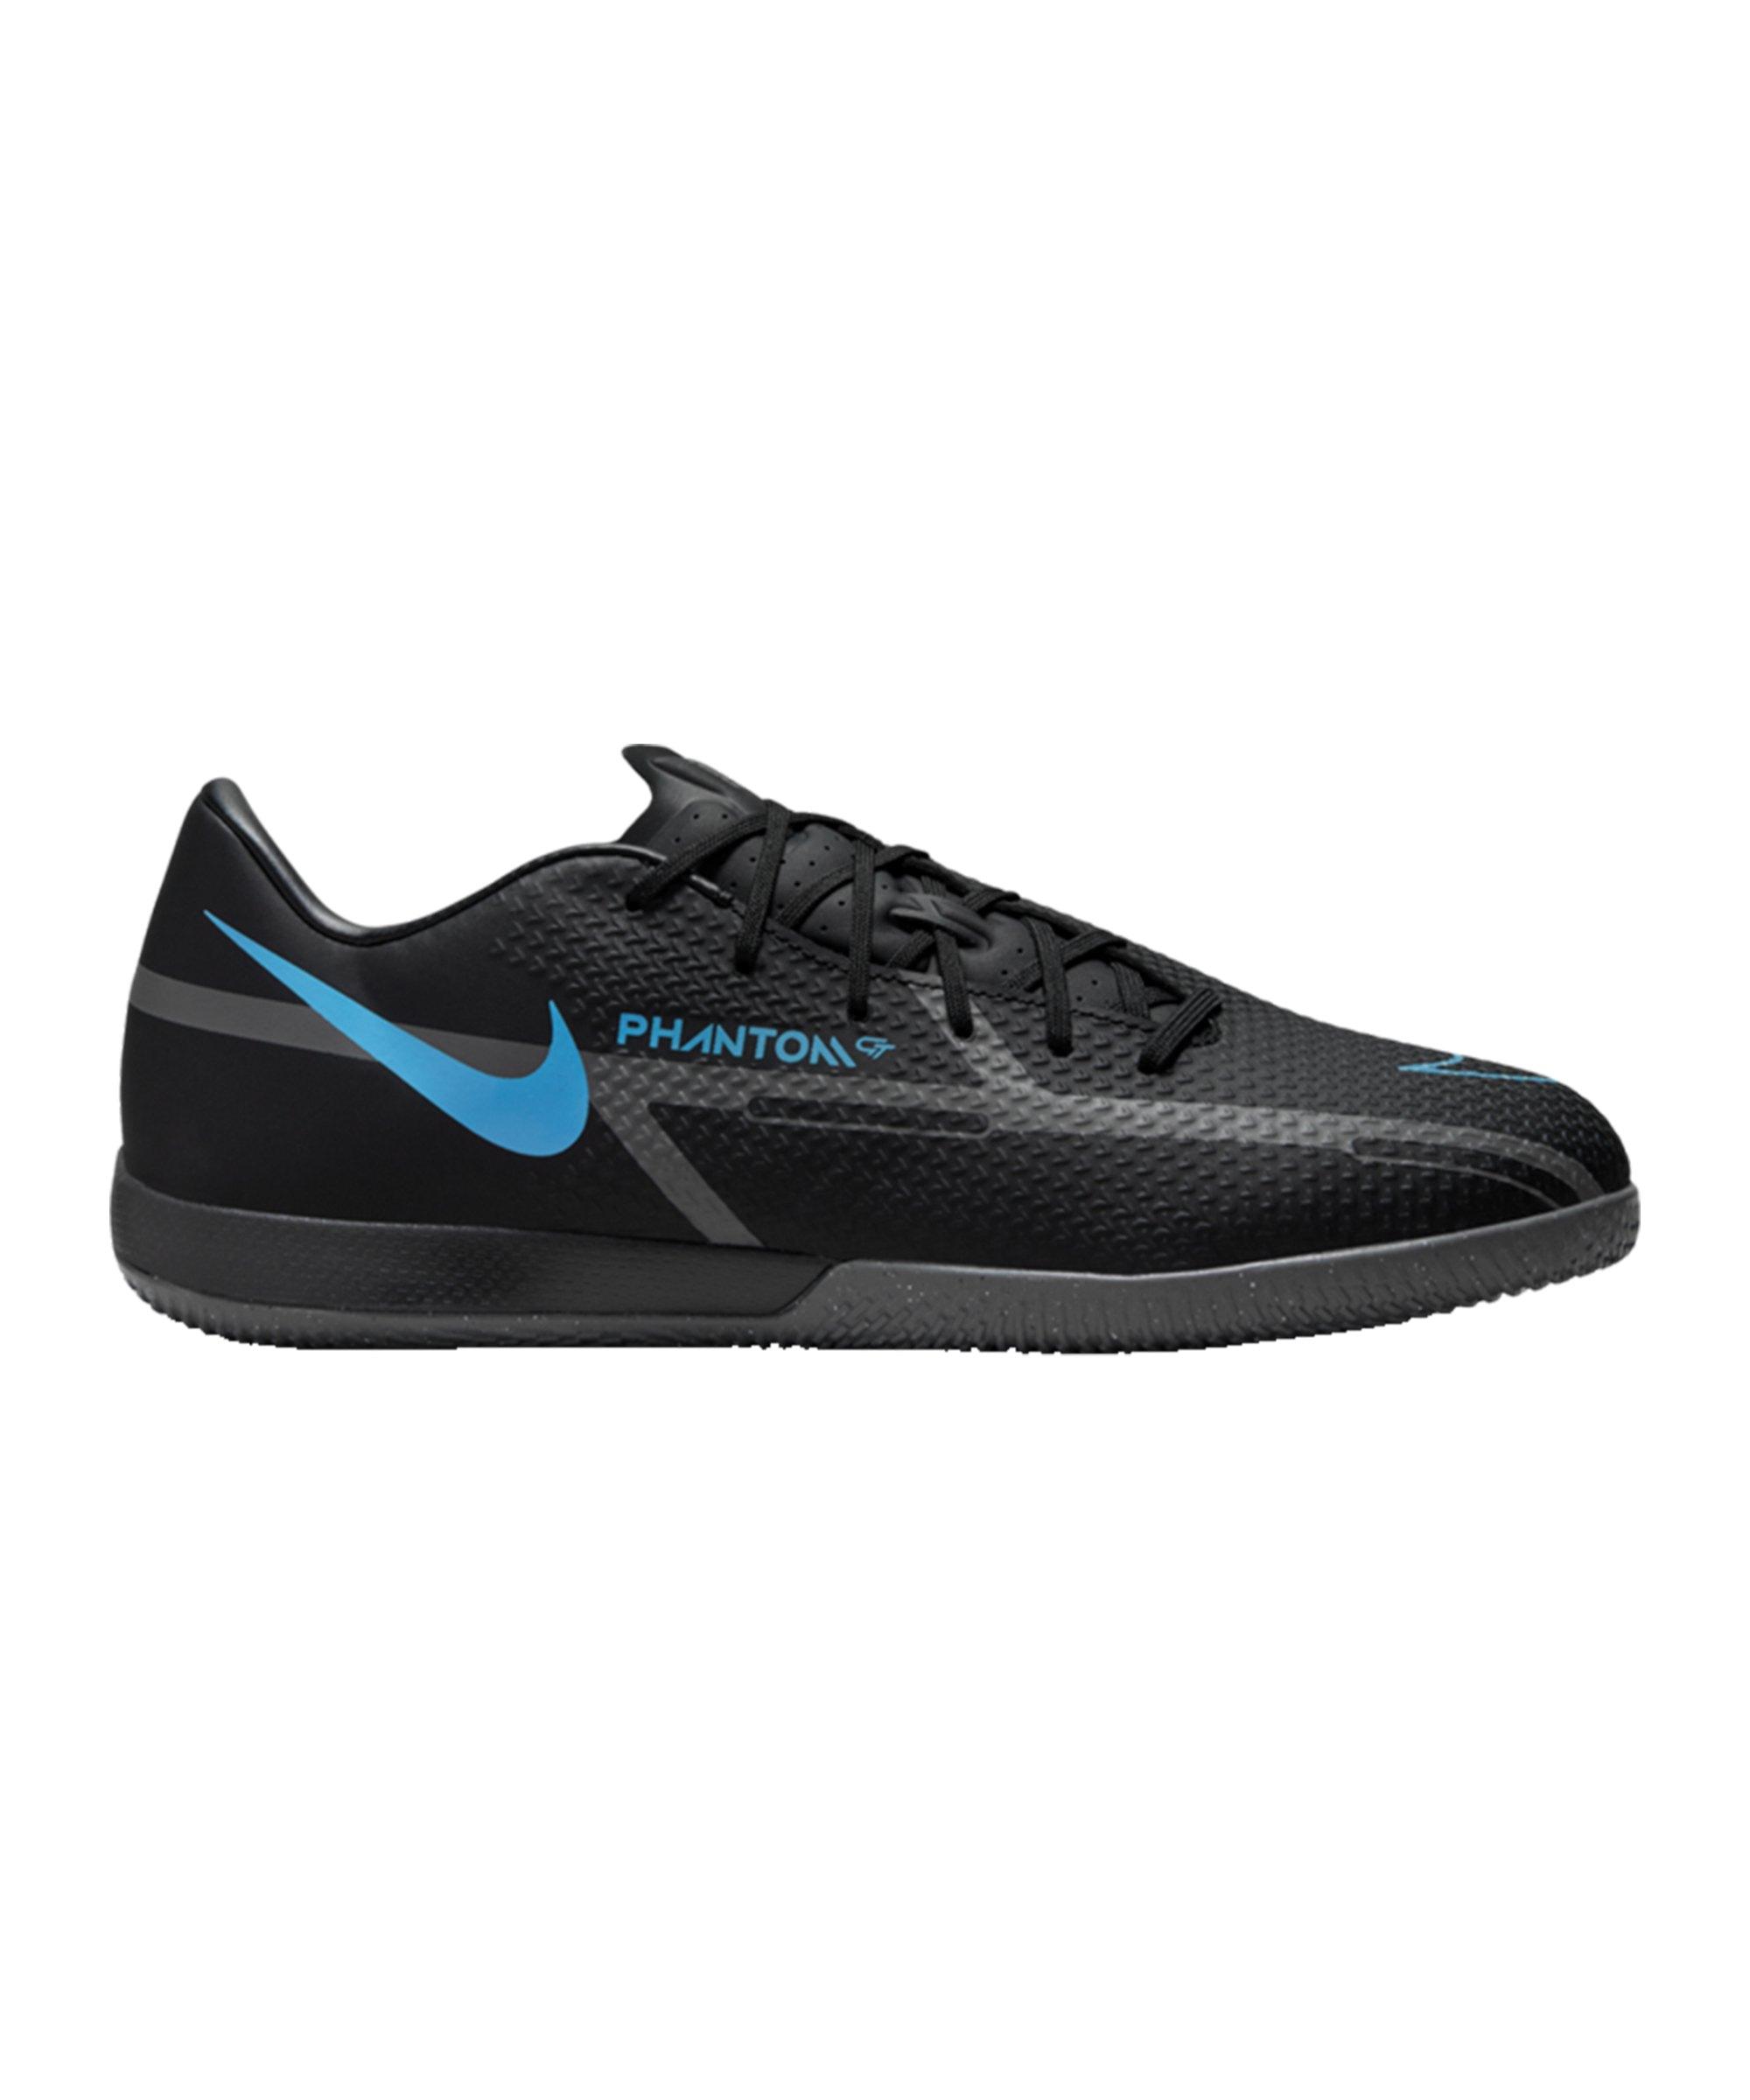 Nike Phantom GT2 Renew Academy IC Halle Schwarz Blau F004 - schwarz